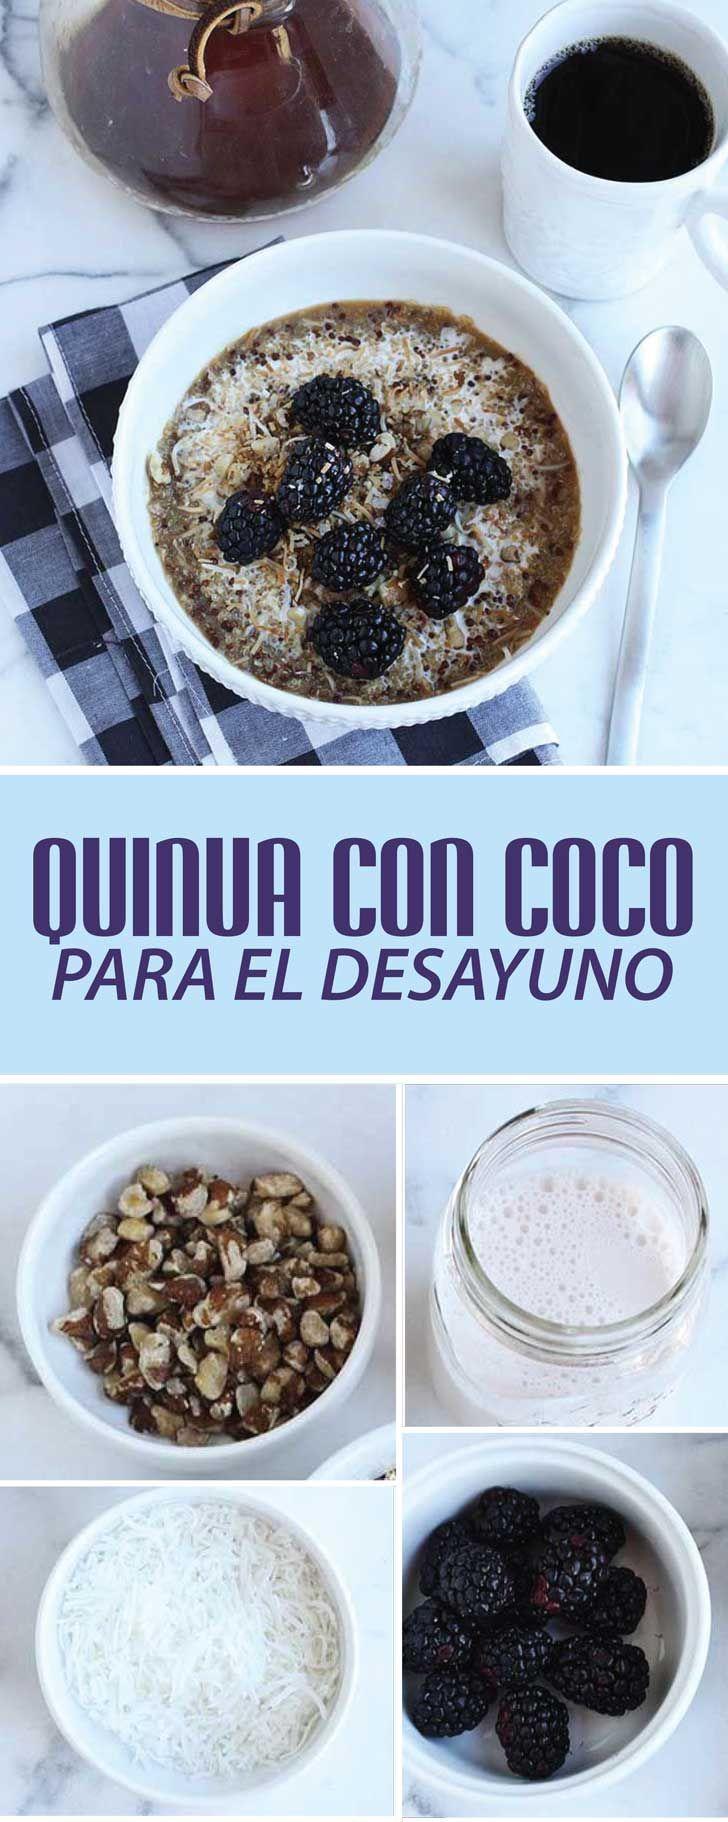 una deliciosa receta para cuando vayas saliendo de la cama, que además, te llenará de energía y nutrientes excelentes para tu cuerpo.